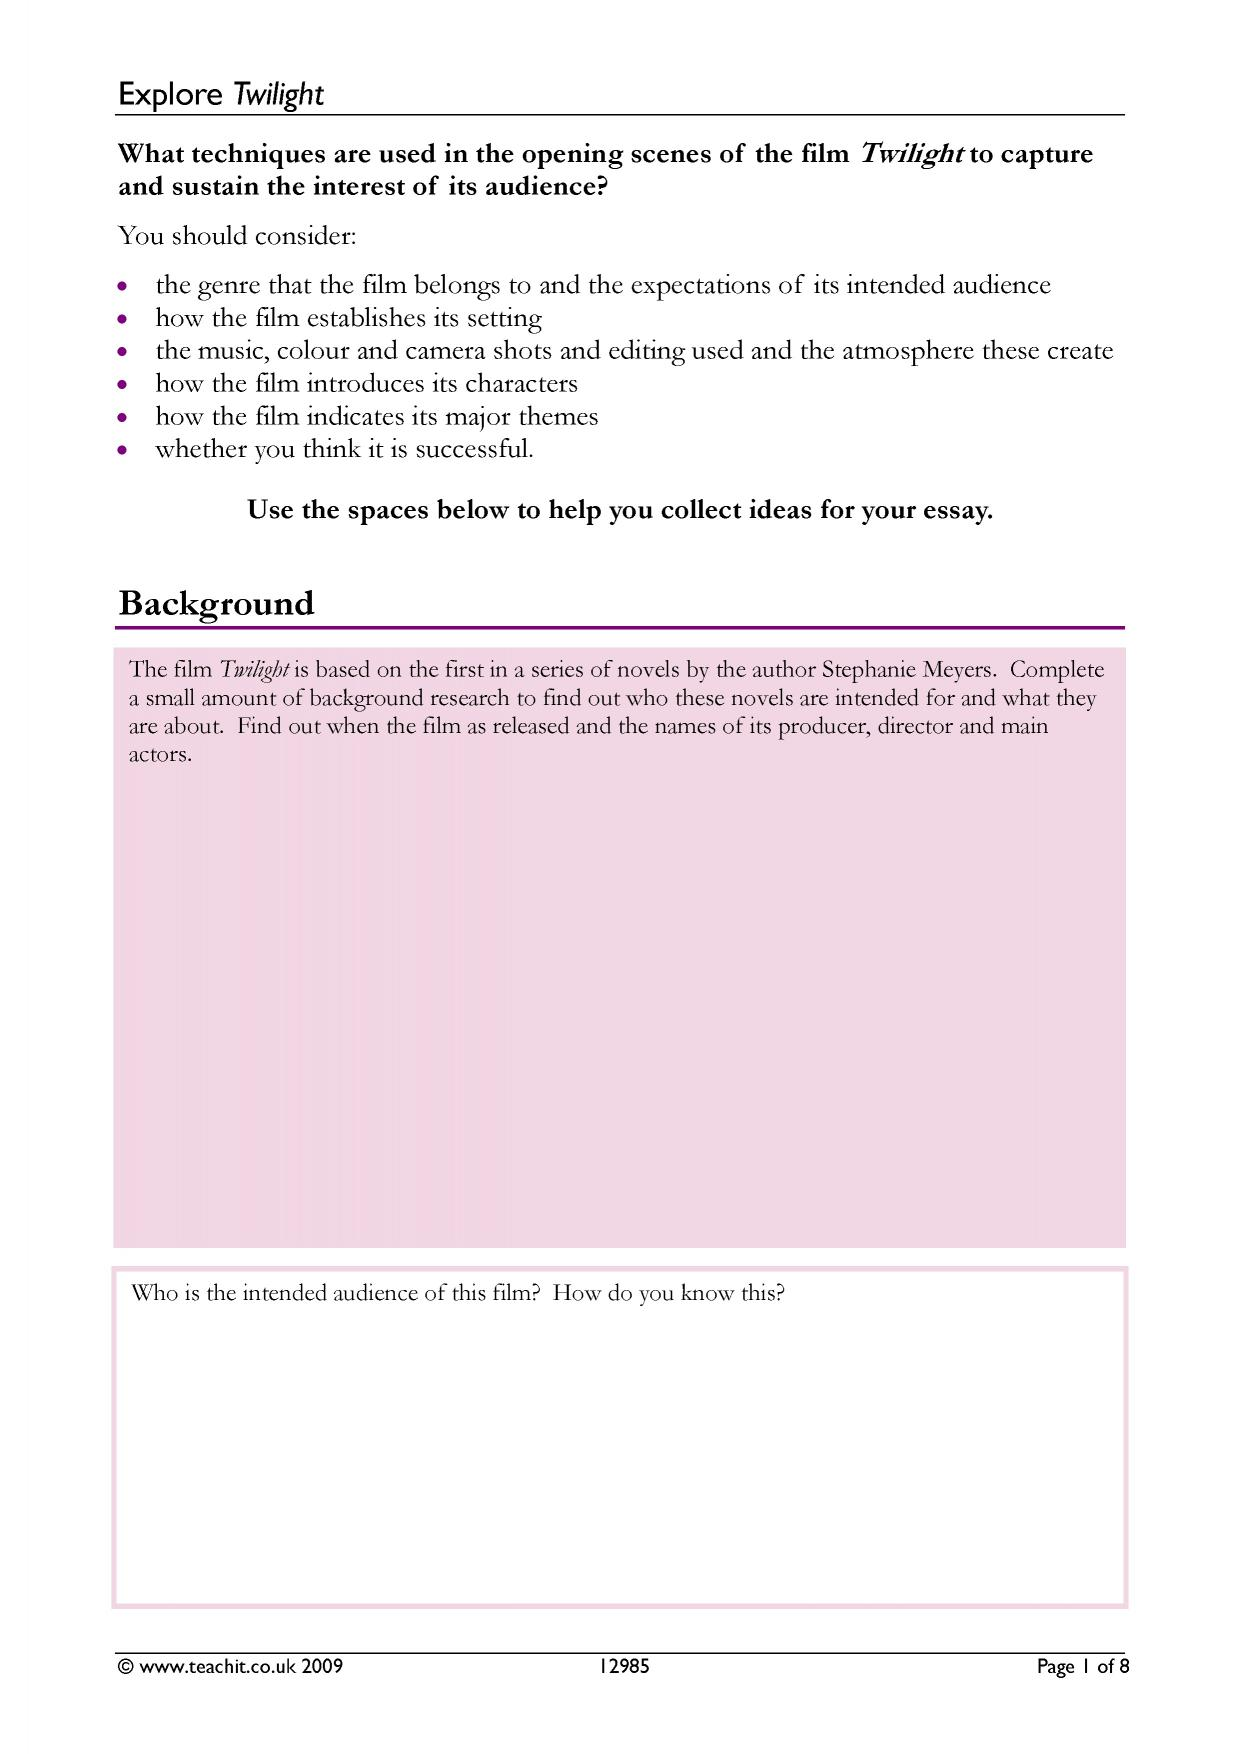 dbq essay 2009